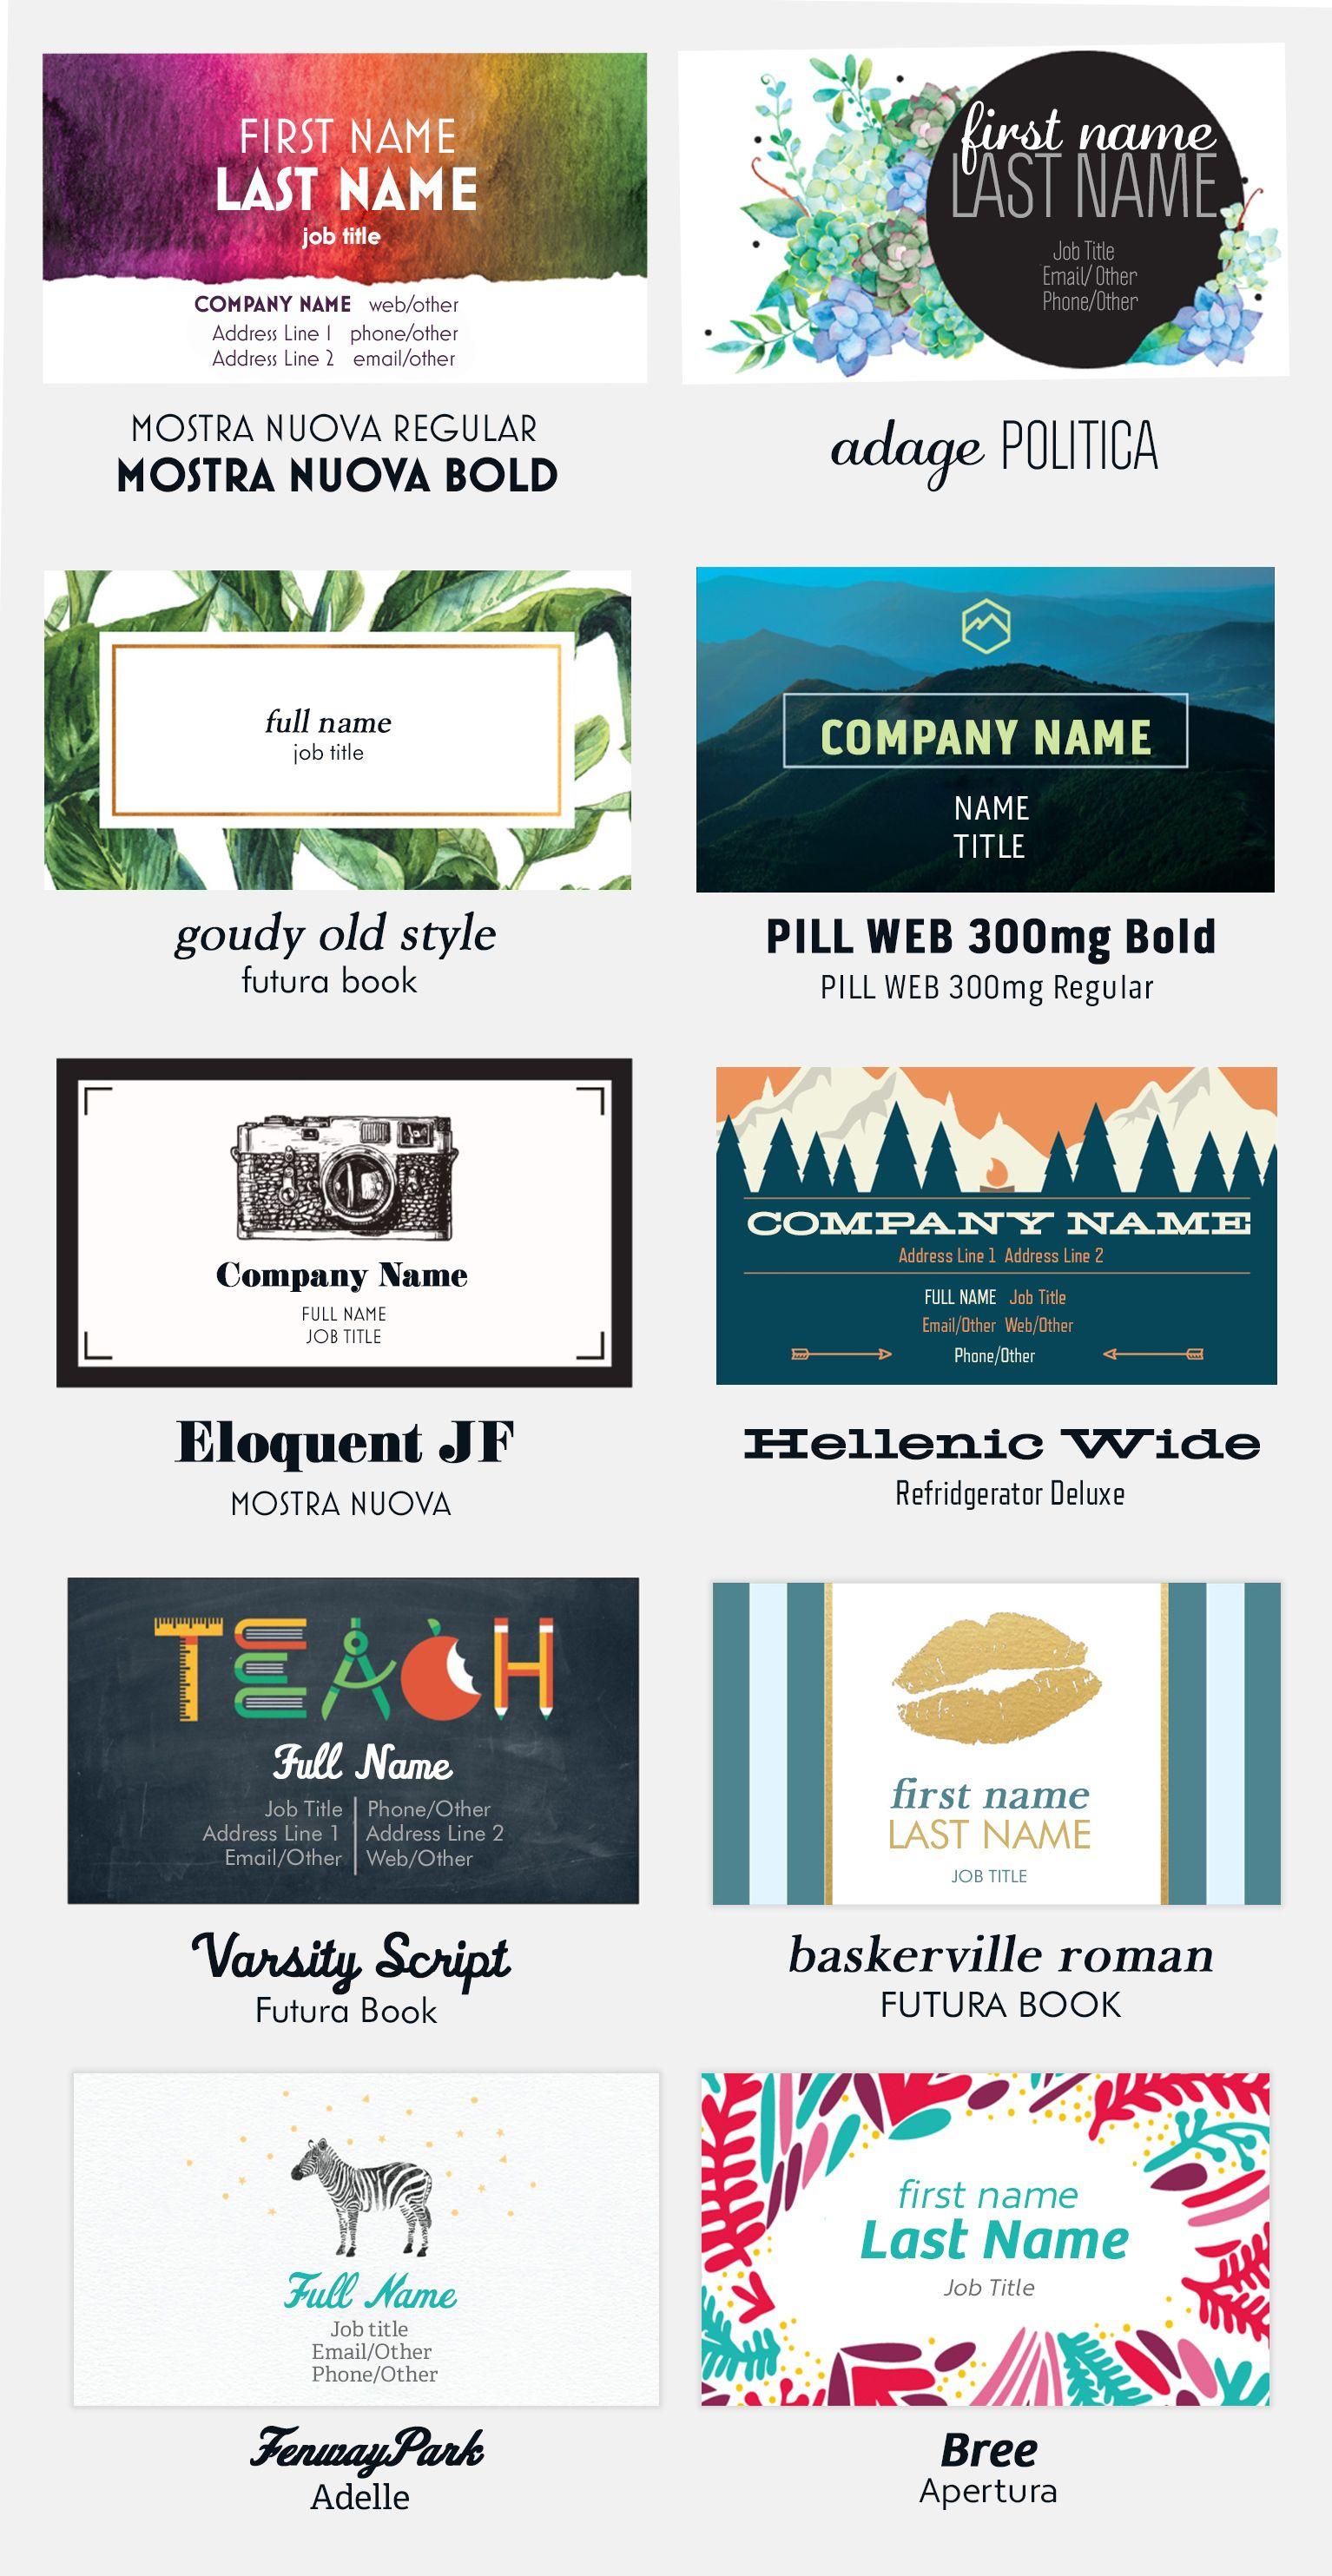 Vistaprint Vistaprint Business Cards Unique Business Cards Business Card Size